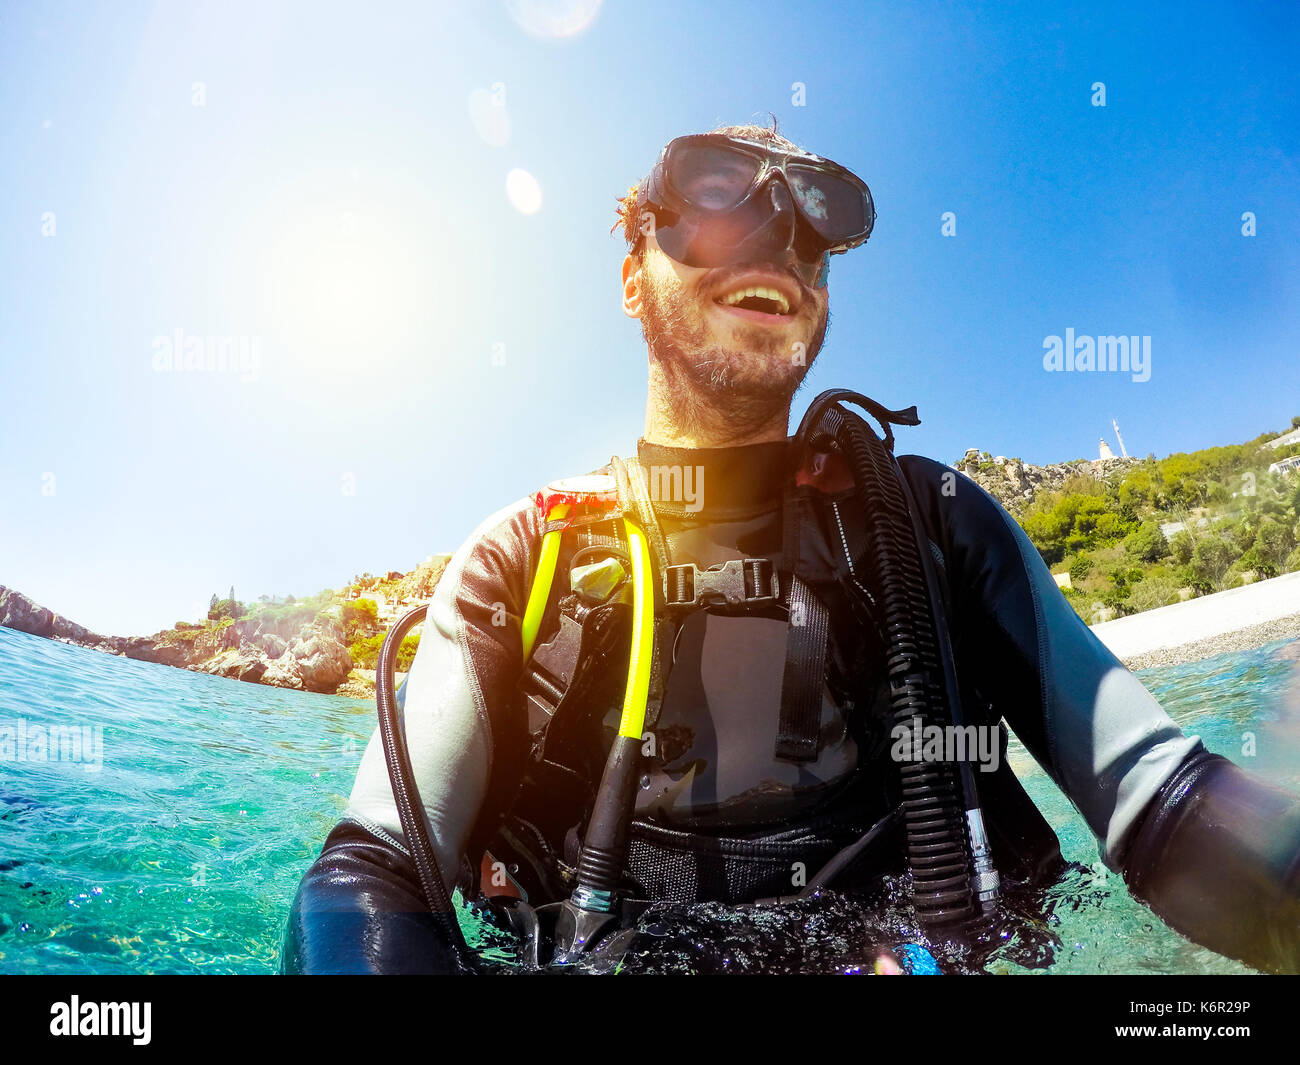 Smiling man en Plongée scaphandre flottant dans l'eau à la plage Photo Stock